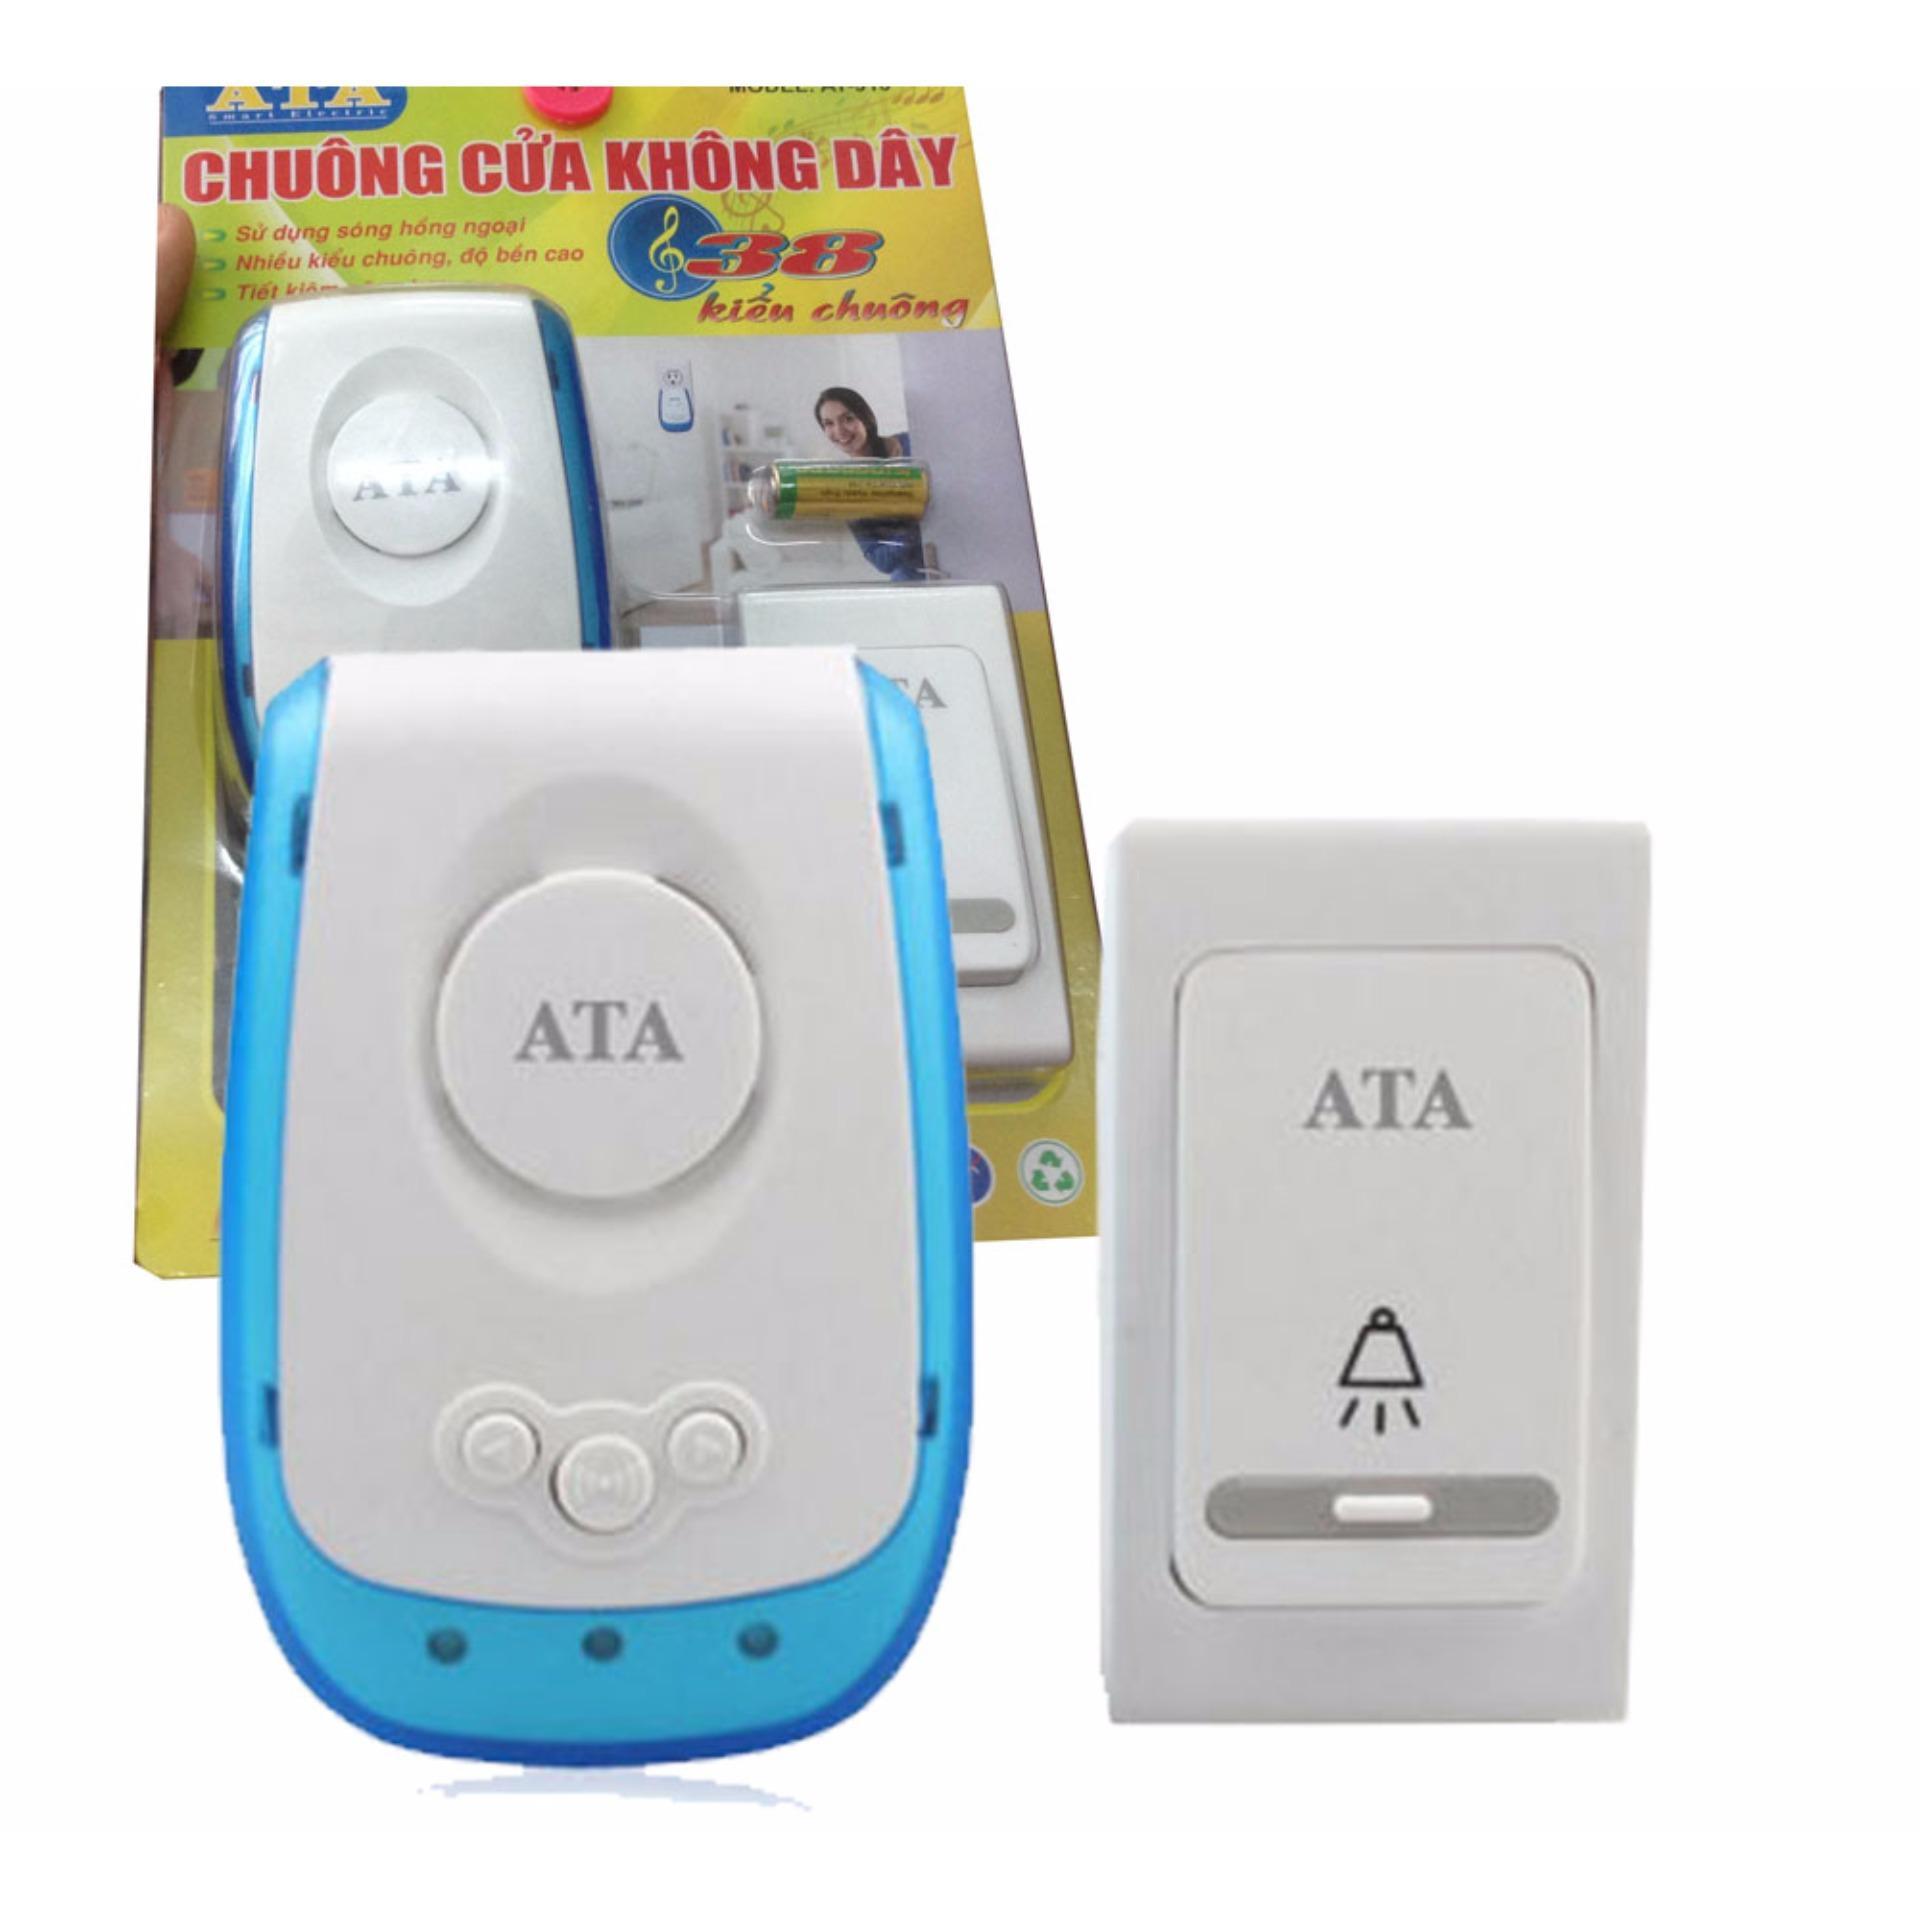 Chi tiết sản phẩm Chuông cửa không dây cao cấp ATA AT-913 chống nước, xuyên vật cản 20-60m, chuông 40-70dB (Màu trắng)